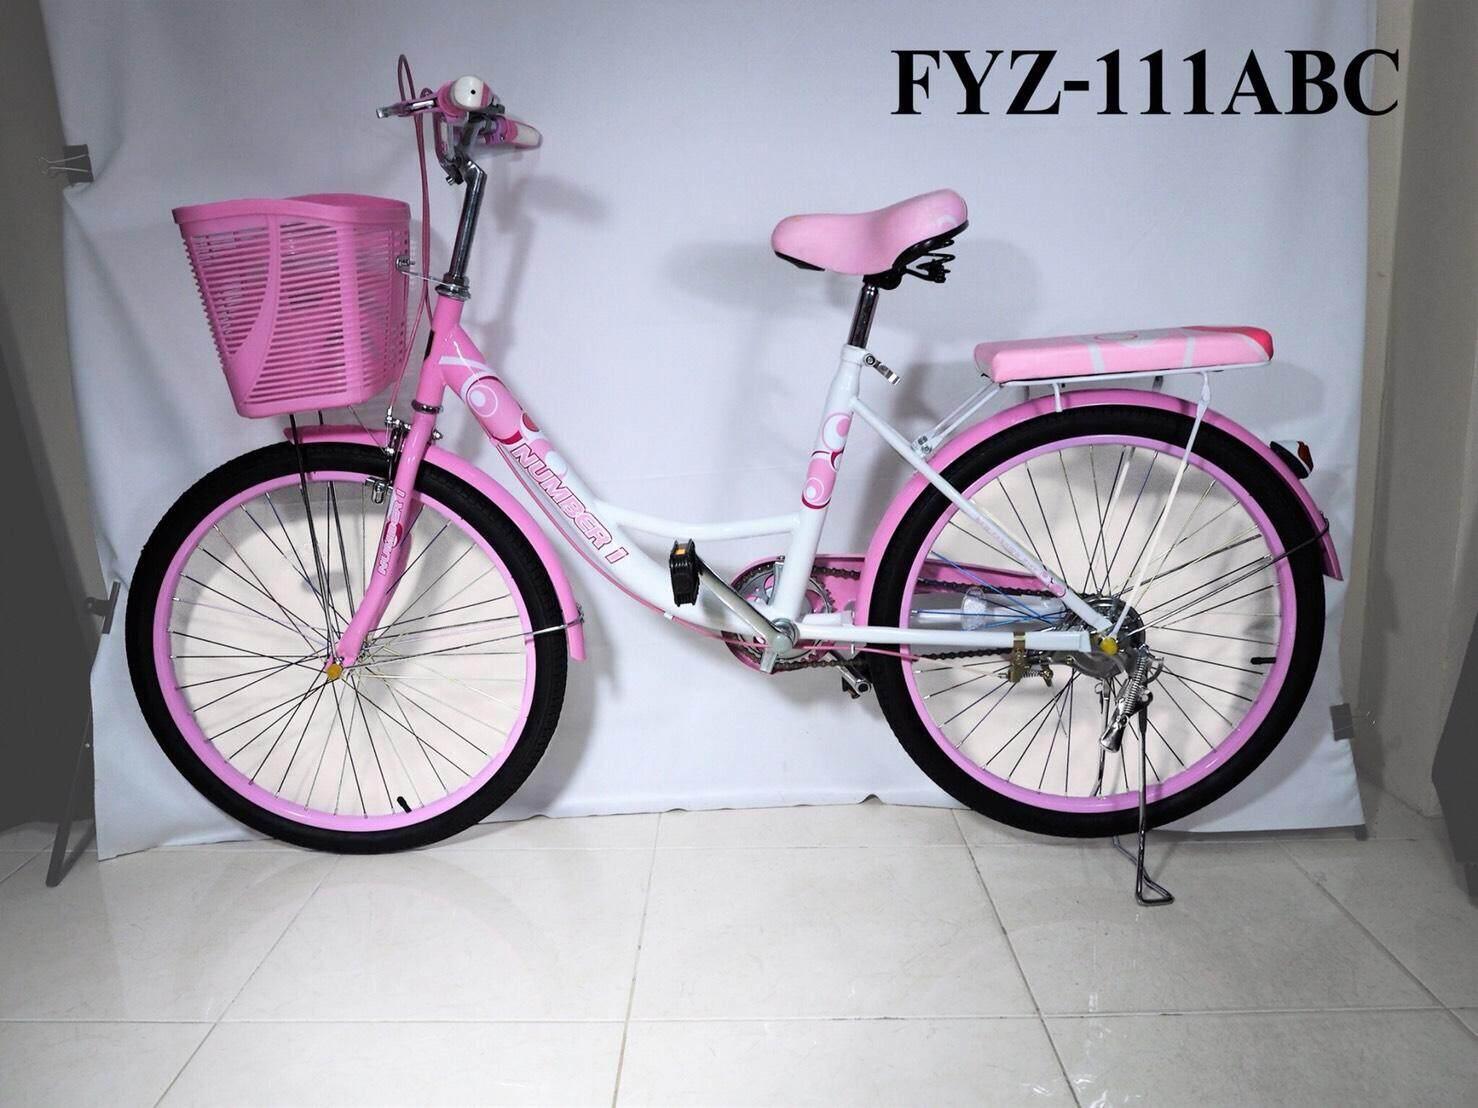 จักรยานแม่บ้าน Number 1  20  รุ่น Fyz-111abc.